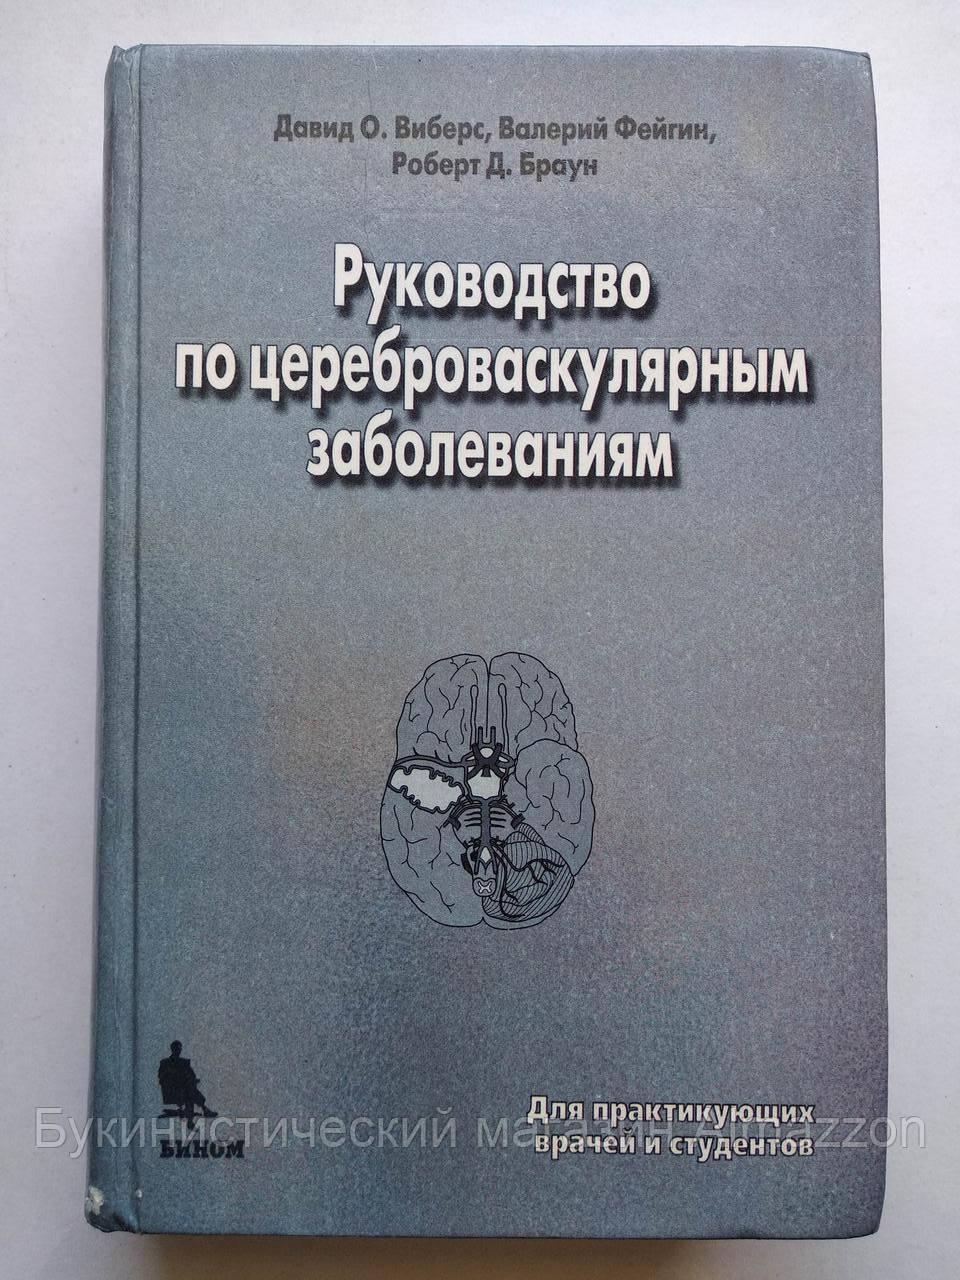 Руководство по цереброваскулярным заболеваниям В.Фейгин